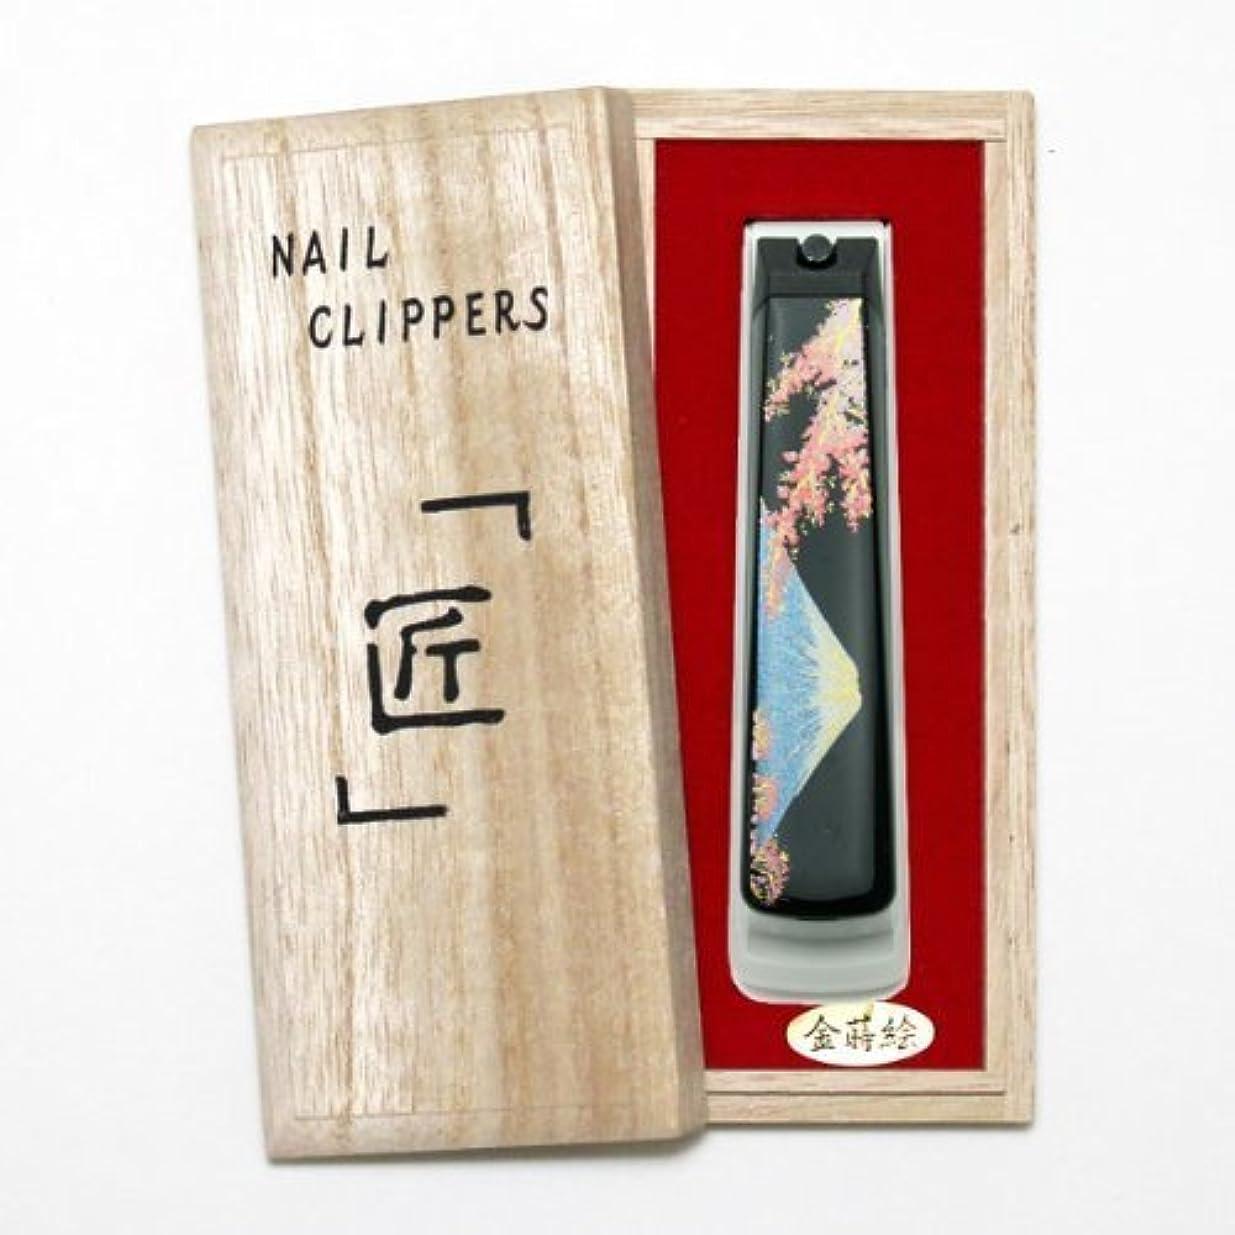 特徴肥沃な概念橋本漆芸 蒔絵爪切り 富士に桜 桐箱